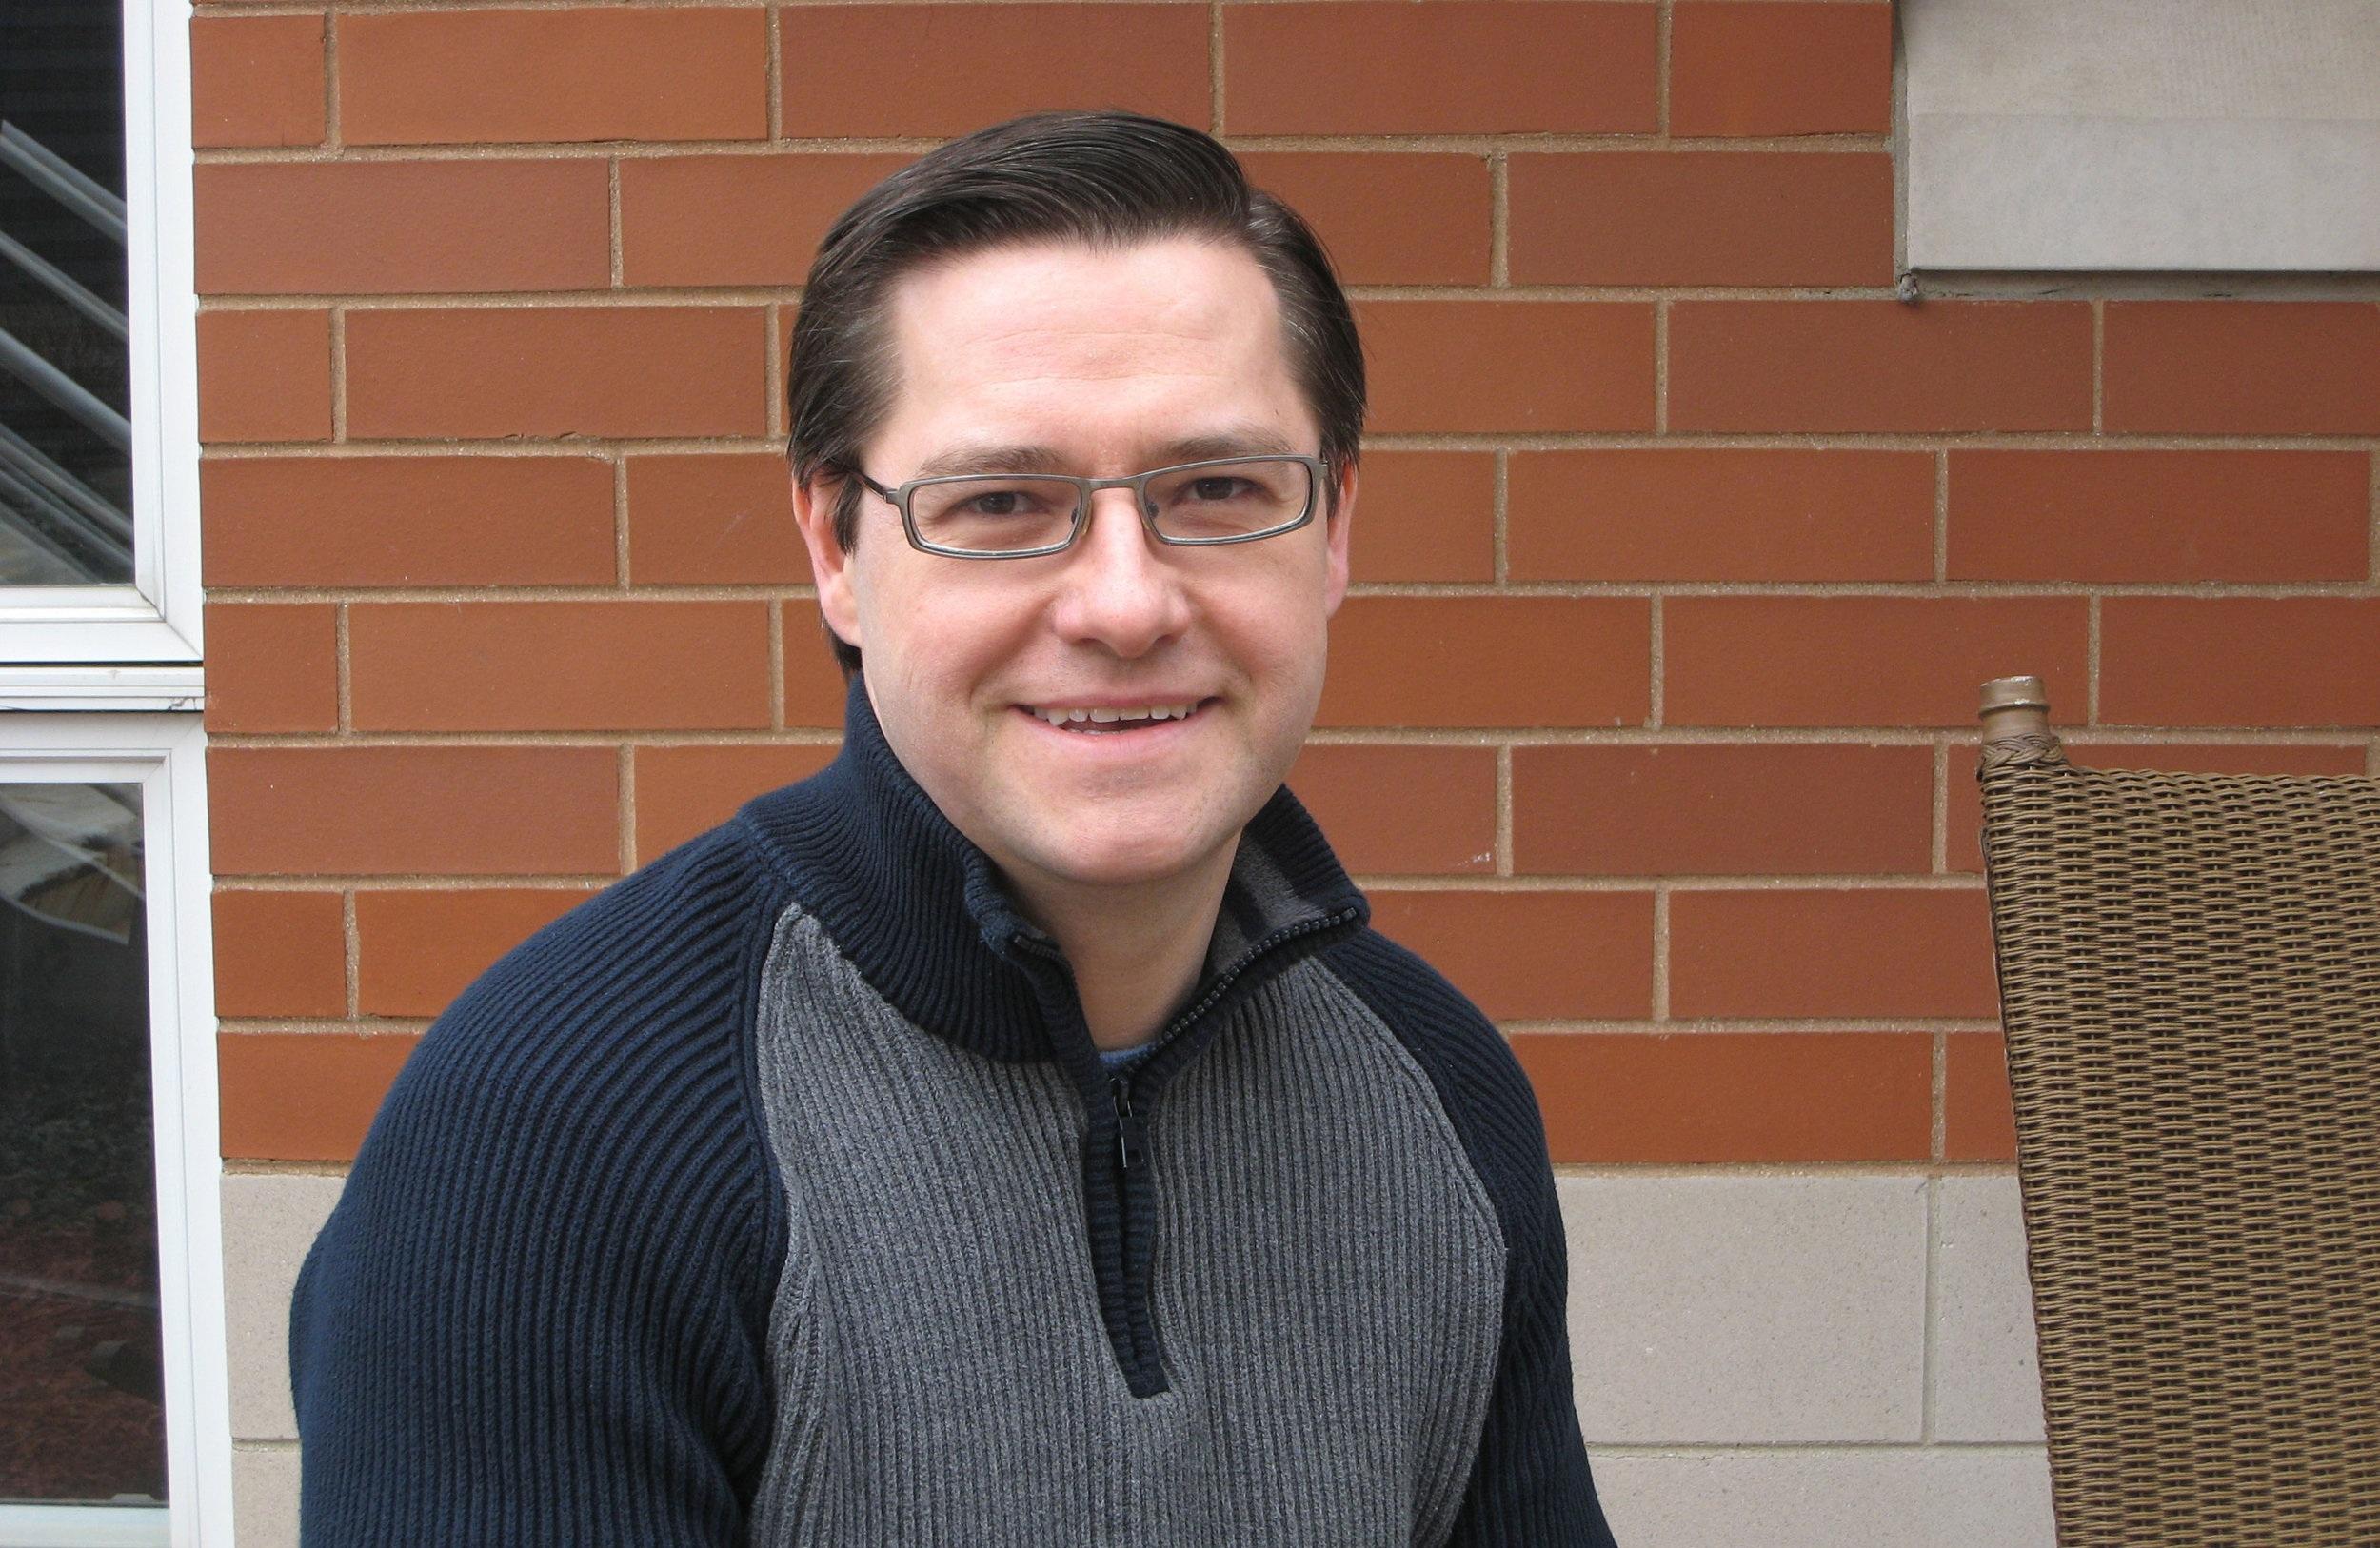 Tom Stuenkel